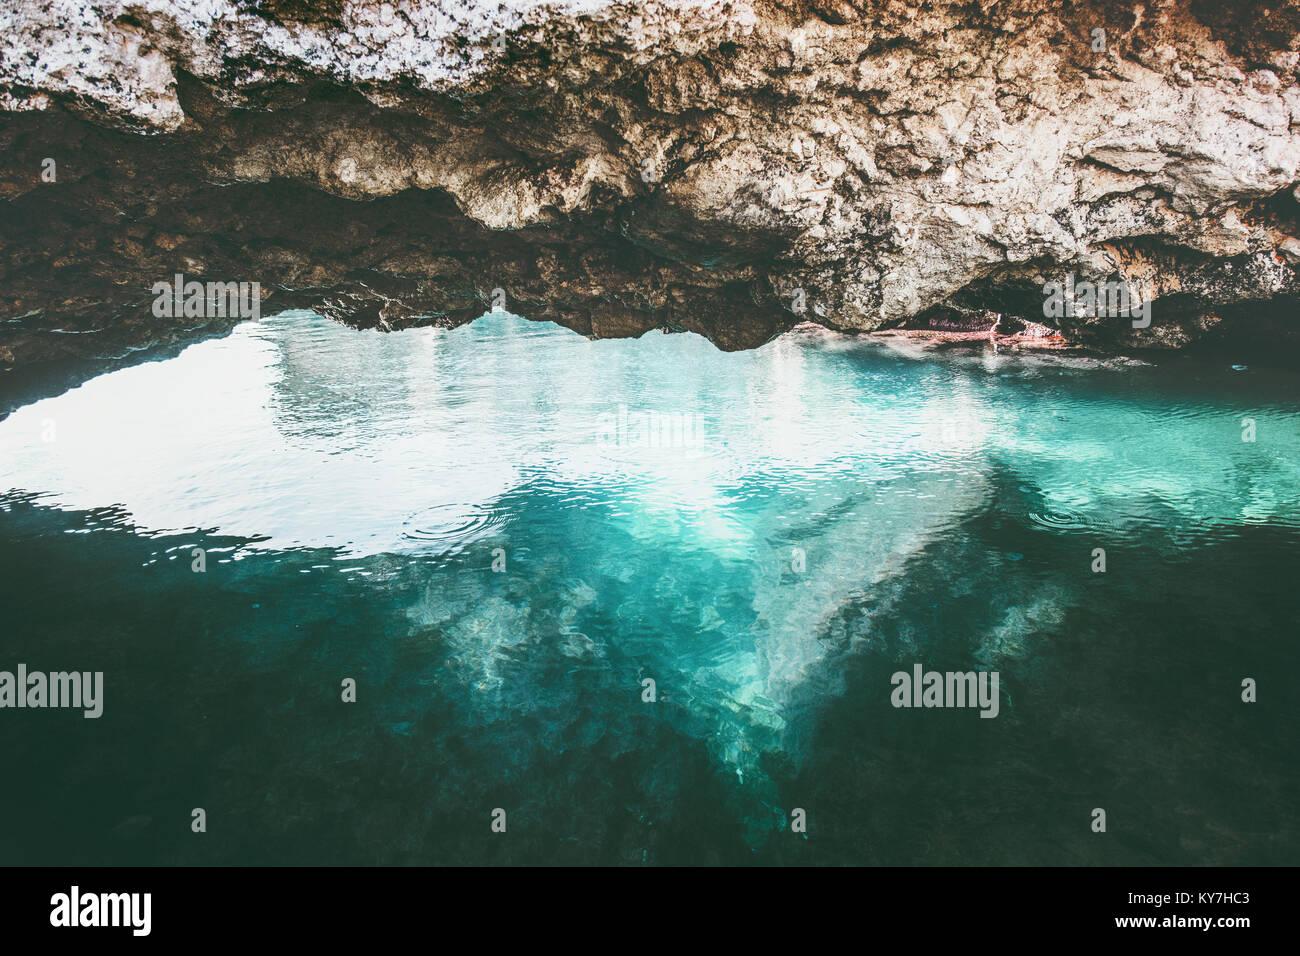 Blaue Meer und die felsige Höhle Landschaft Ruhe und Beschaulichkeit malerischen Blick Ferien reisen tropische Stockbild